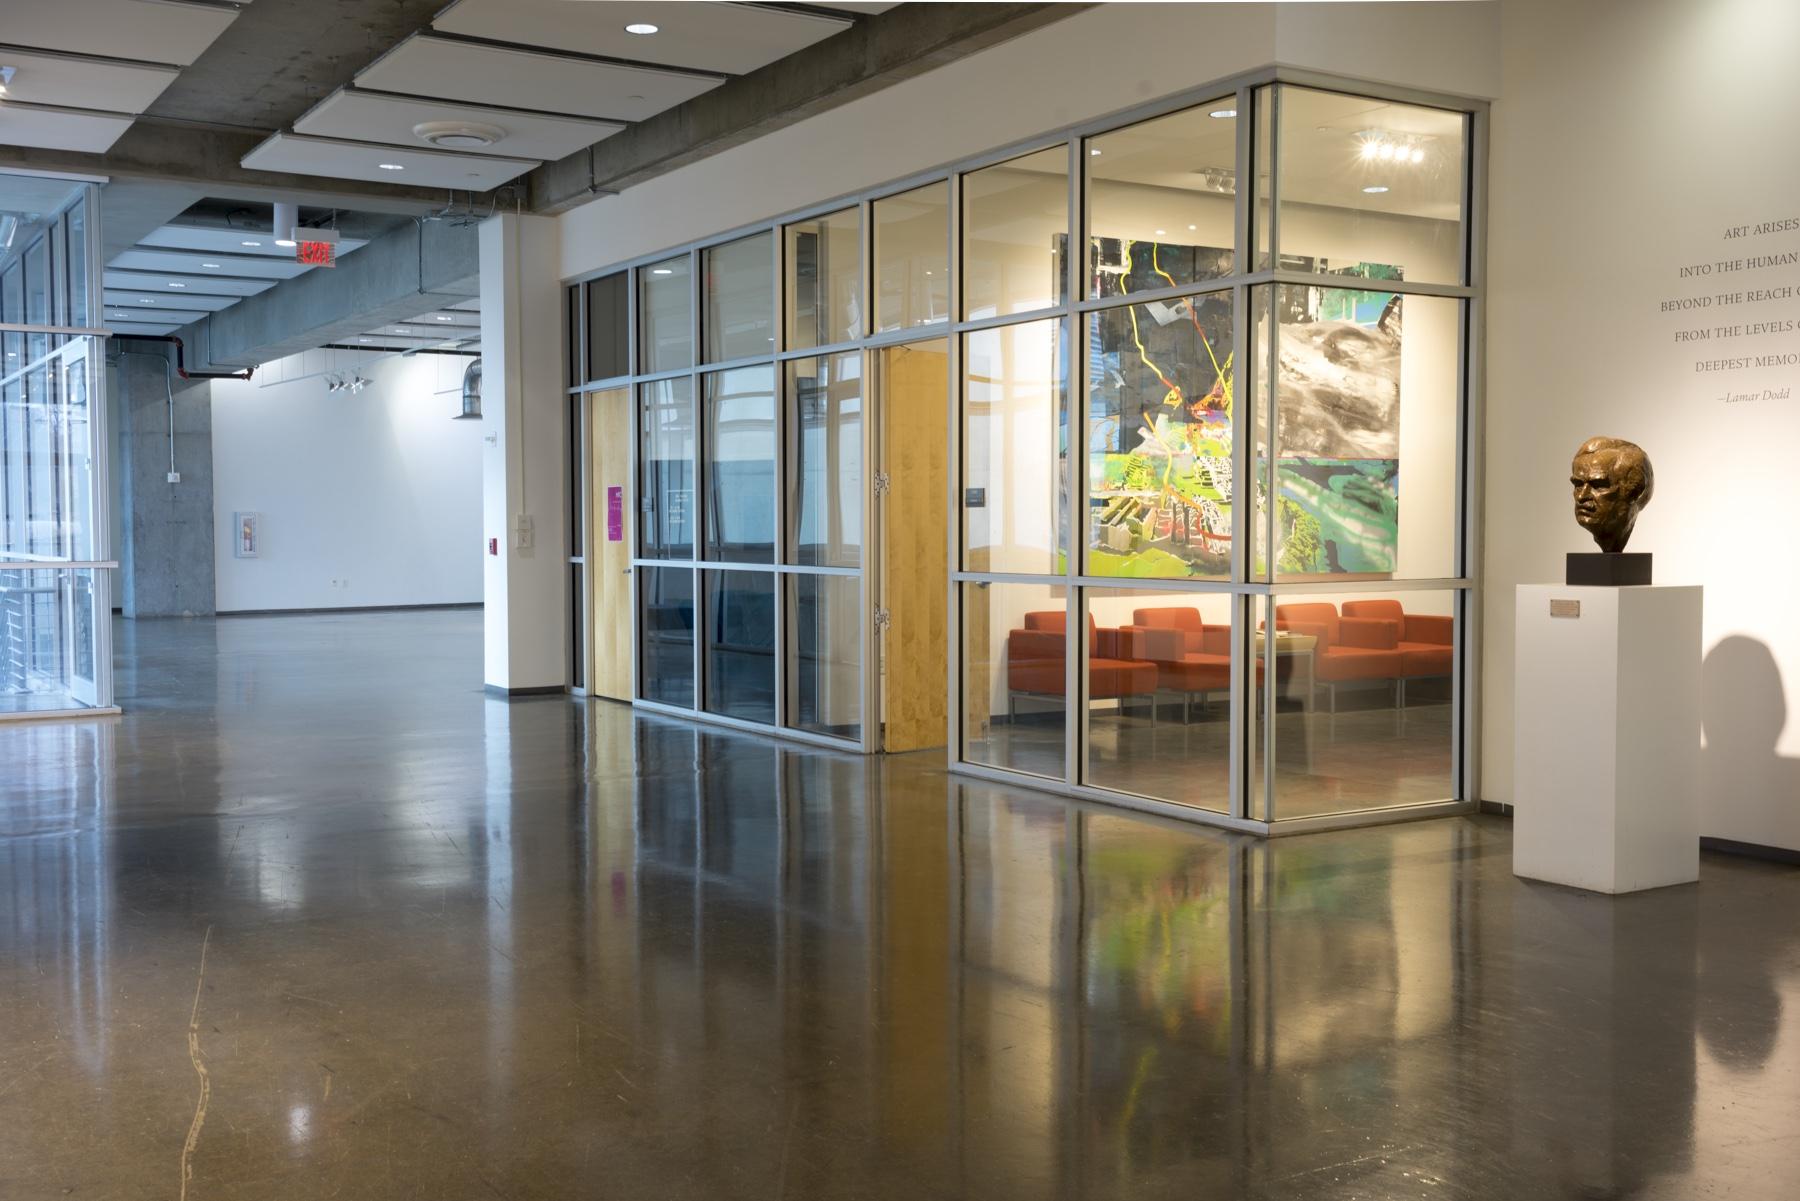 interior design internships in charlotte nc